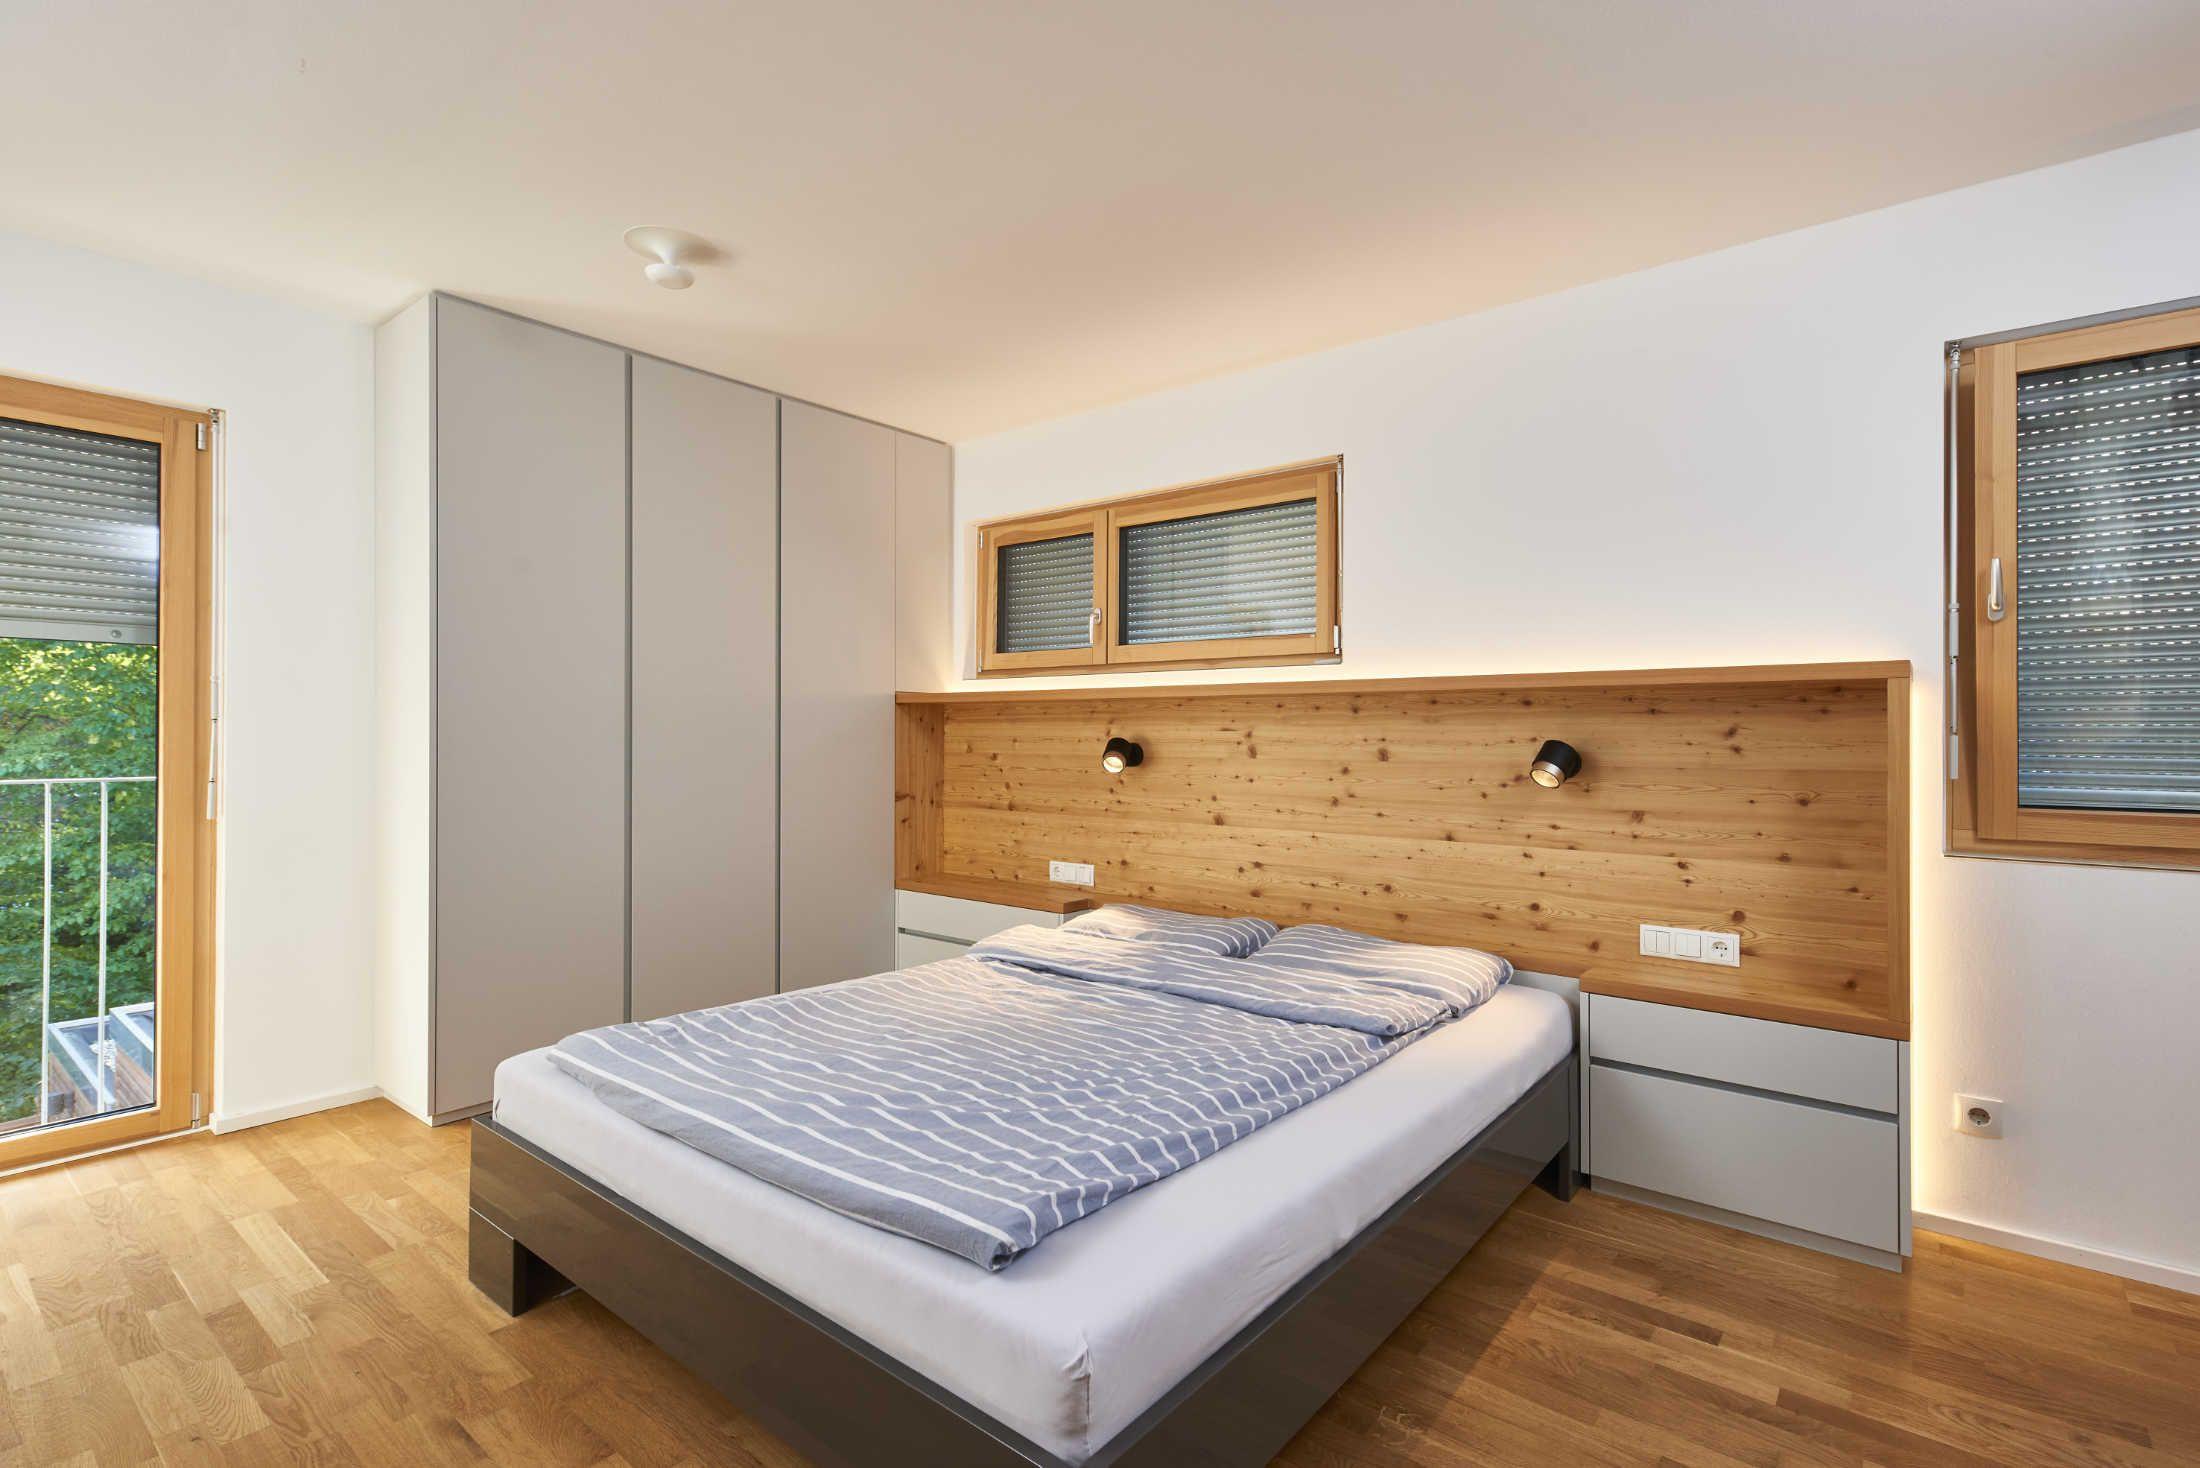 In diesem Schlafzimmer wurde Berglärche mit supermattem